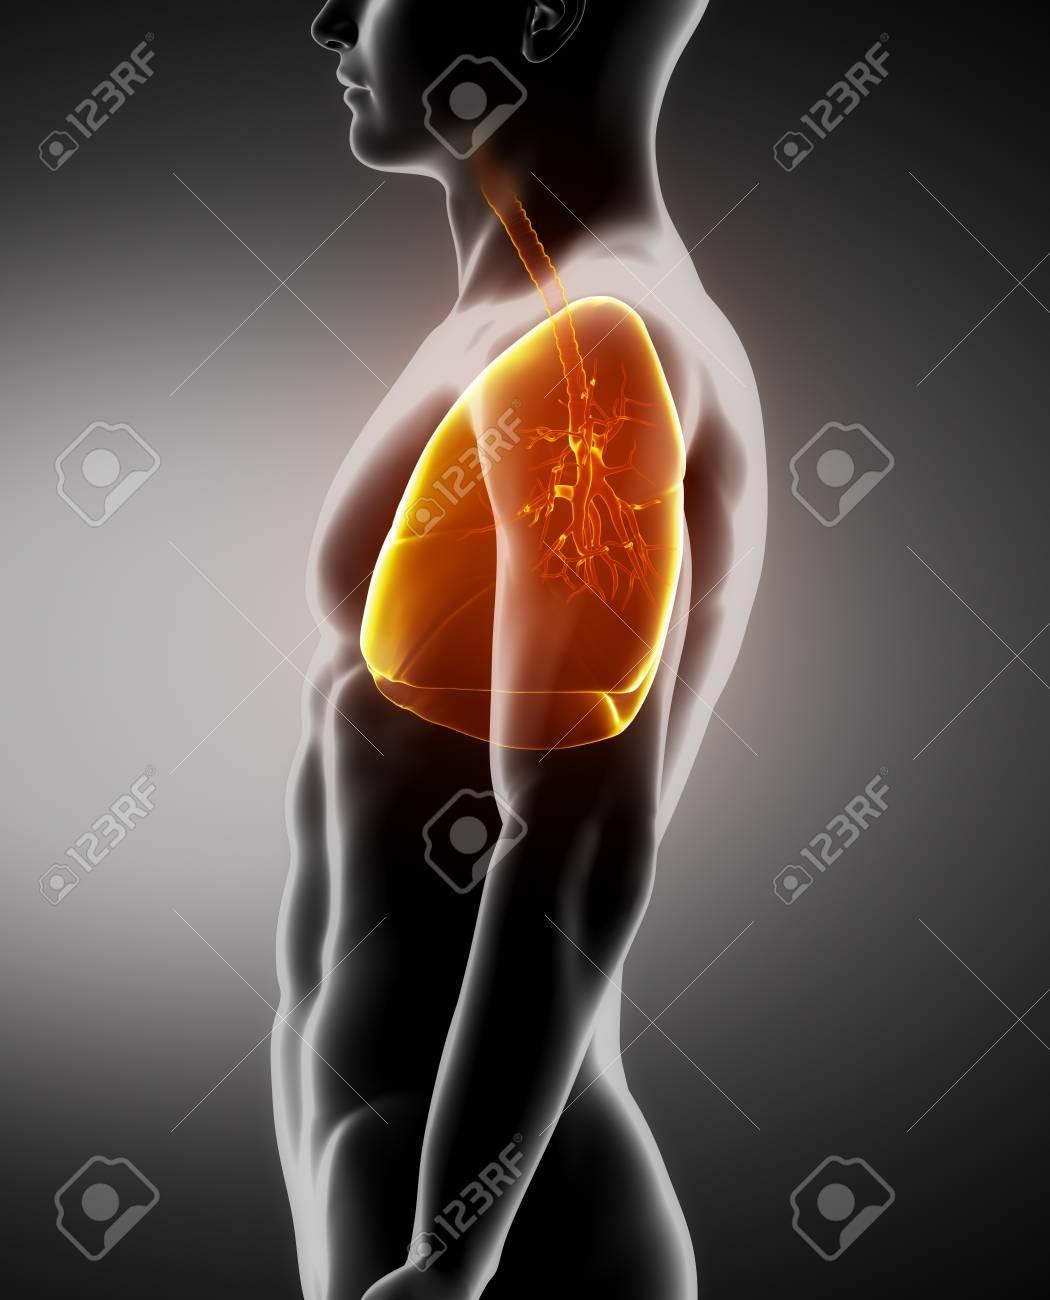 Los Pulmones Y La Anatomía Masculina Tráquea Vista Lateral De Rayos ...